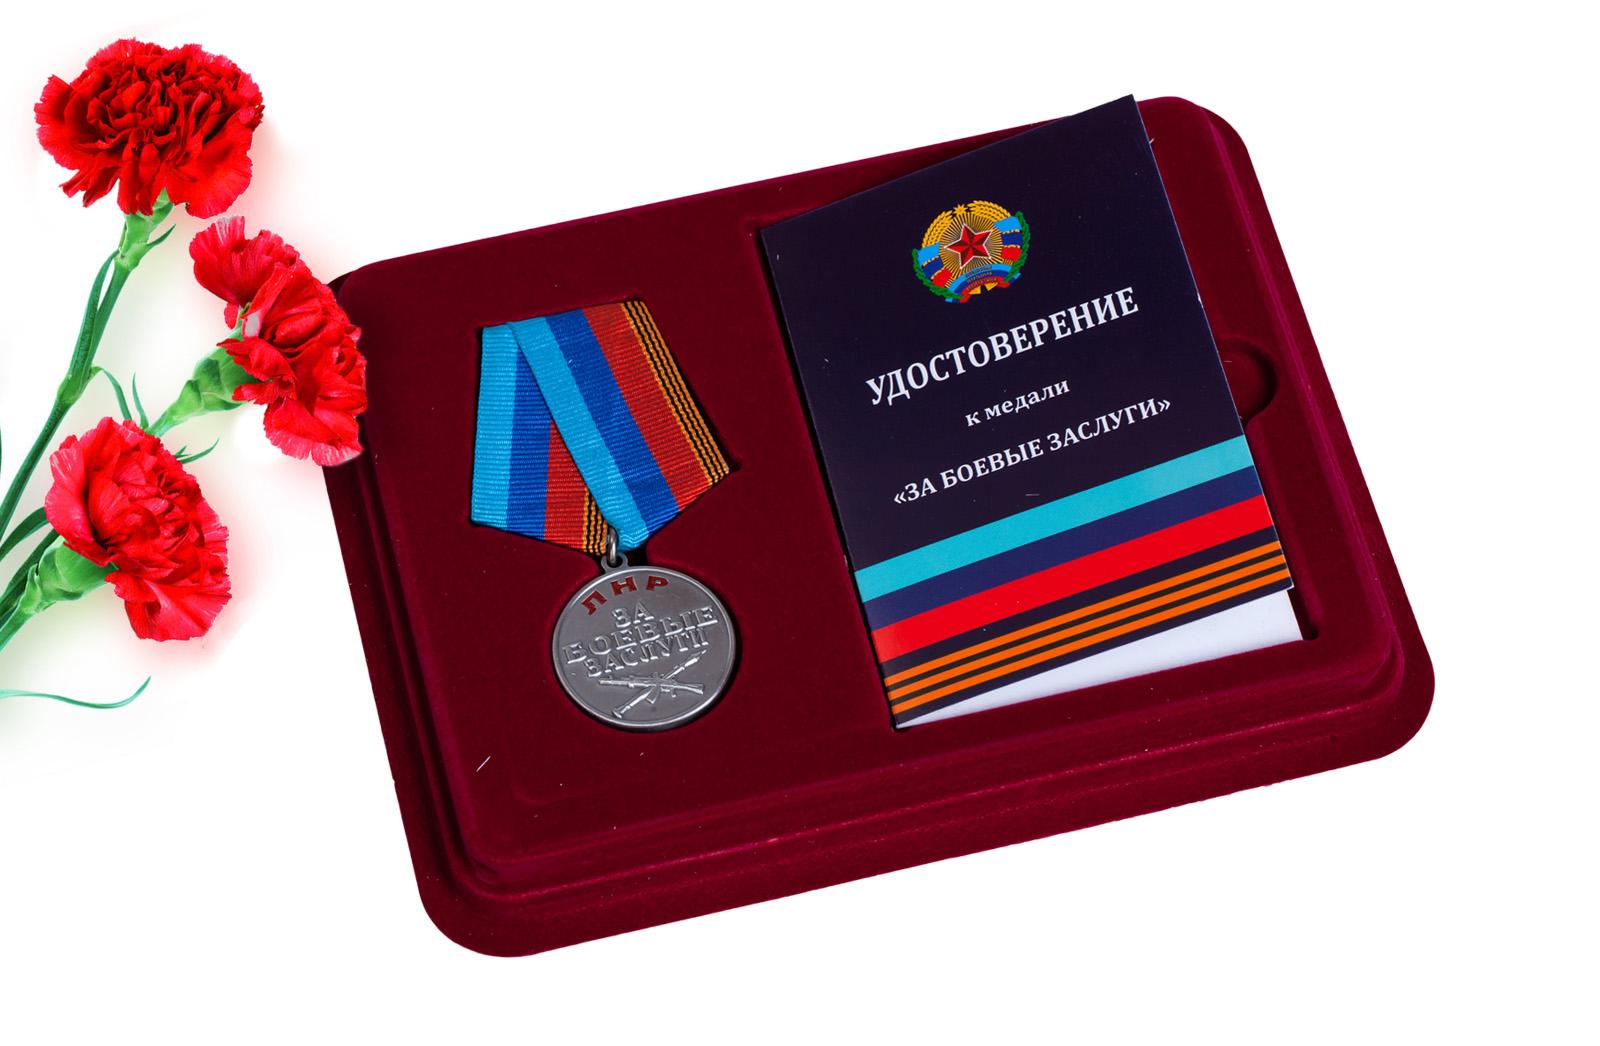 """Купить медаль ЛНР """"За боевые заслуги"""" в футляре с удостоверением с доставкой"""